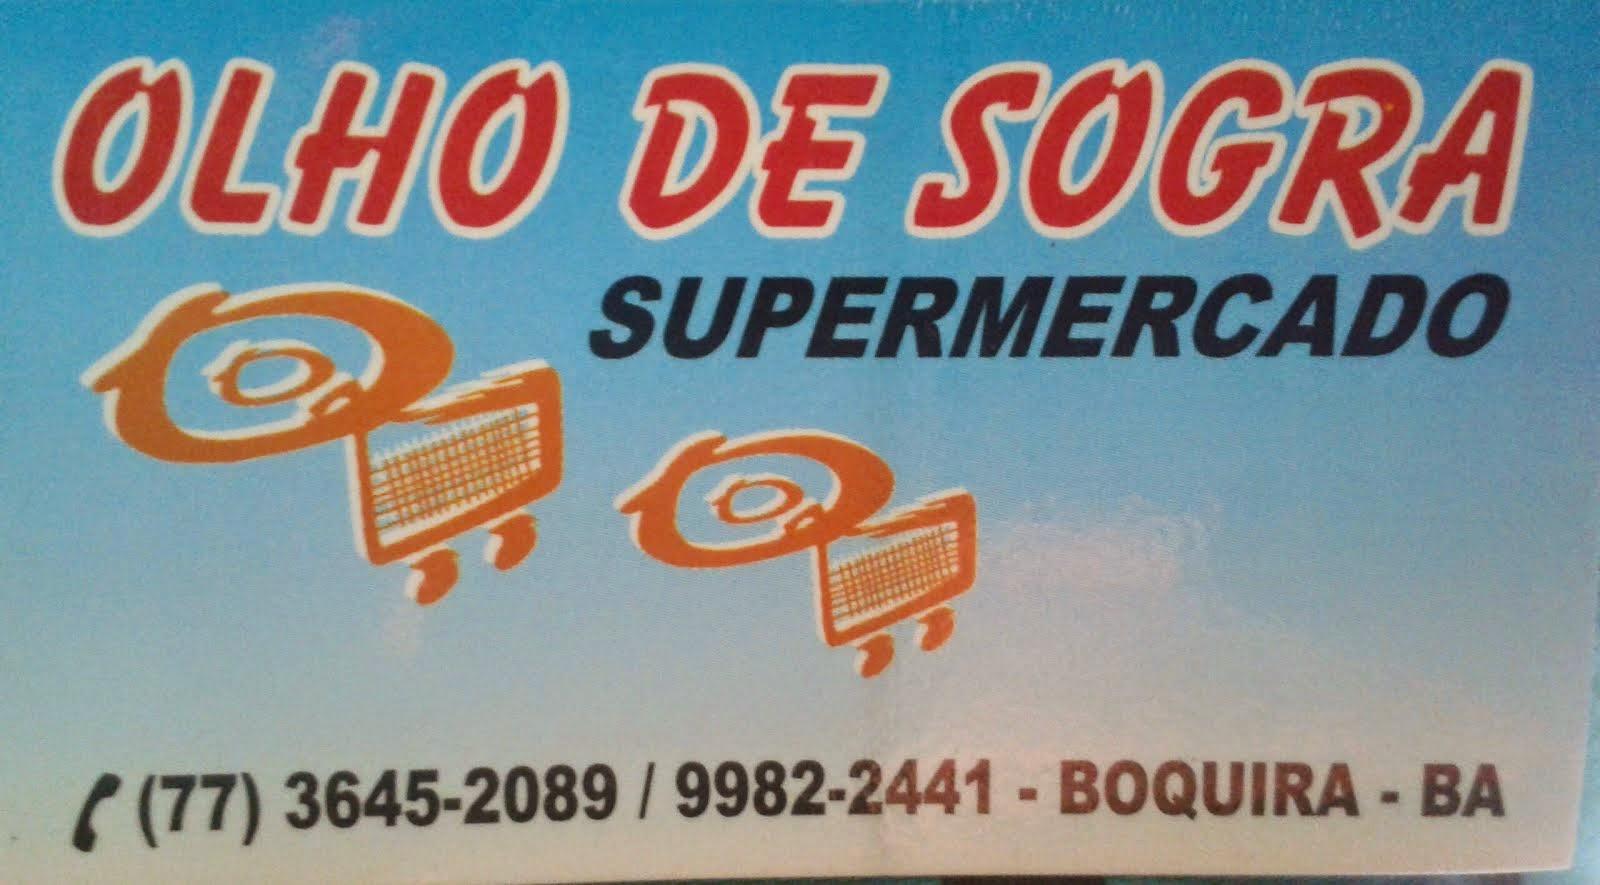 Supermercado Olho de Sogra